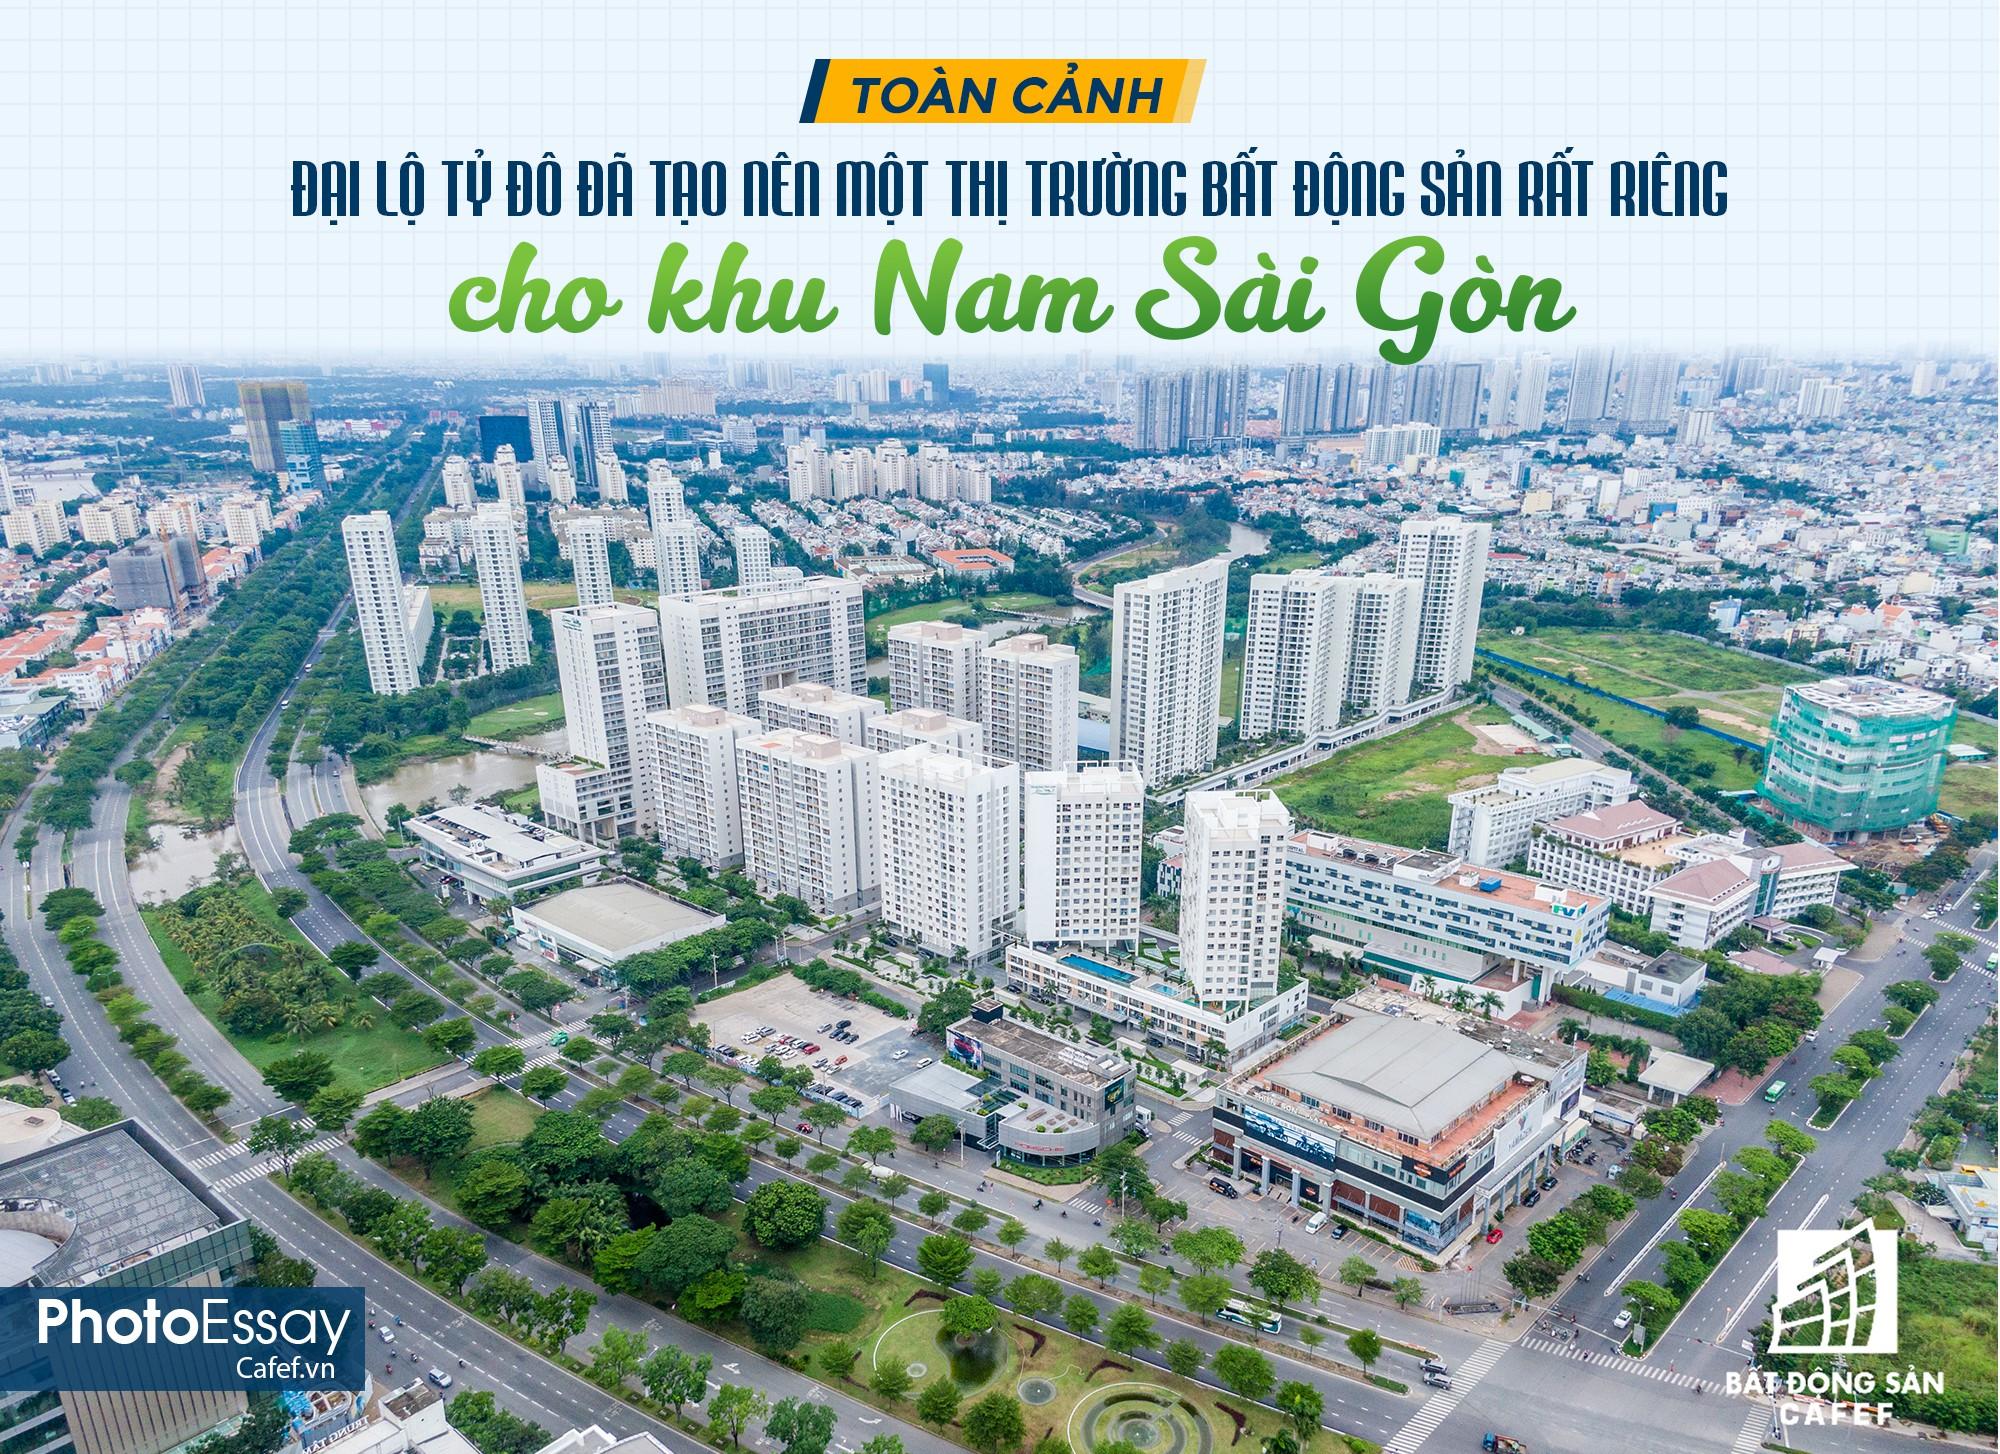 Toàn cảnh đại lộ tỷ đô đã tạo nên một thị trường bất động sản rất riêng cho khu Nam Sài Gòn Toàn cảnh đại lộ tỷ đô đã tạo nên một thị trường bất động sản rất riêng cho khu Nam Sài Gòn cover02 156722145687033616457